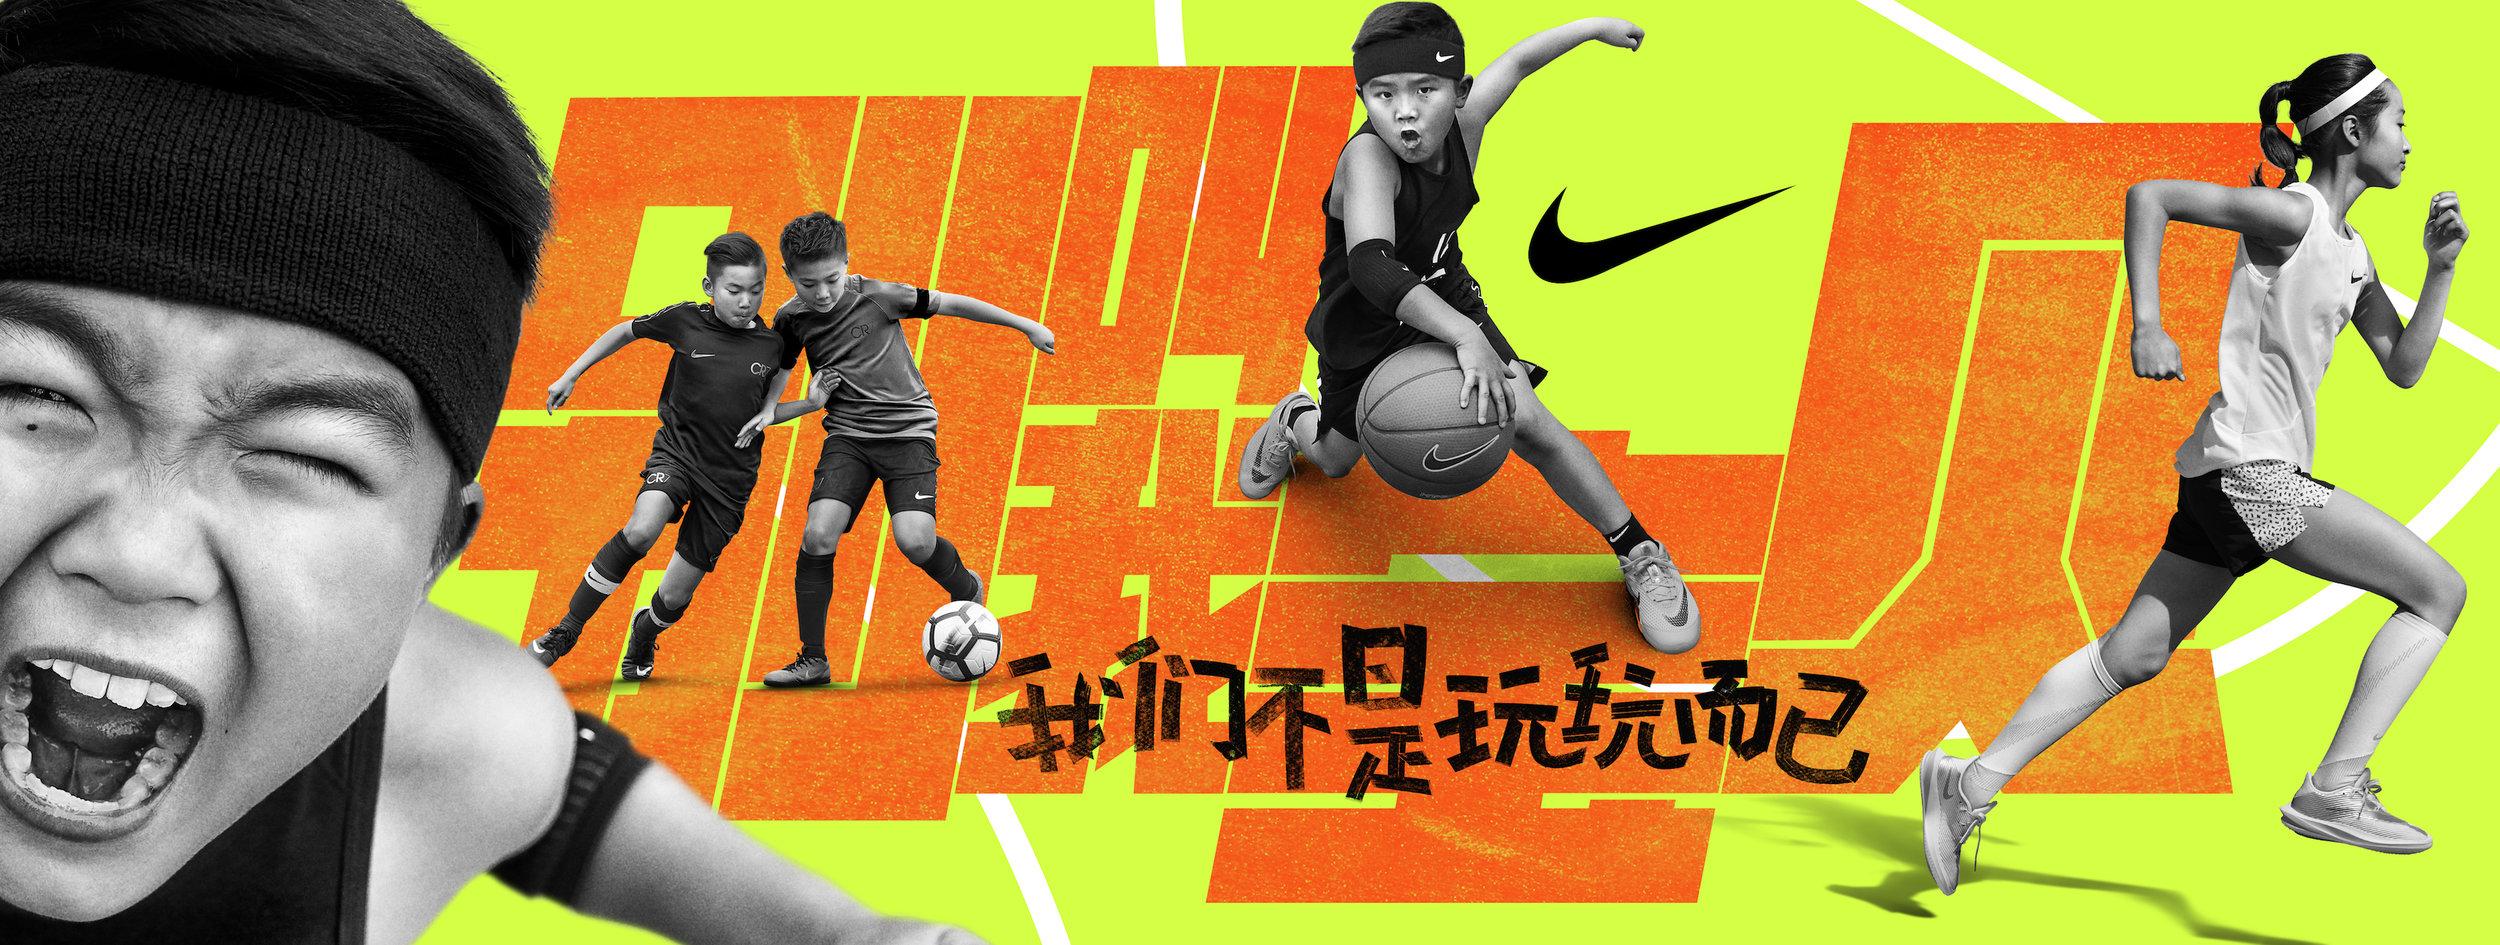 Nike_DCMP_Headline copy.jpg